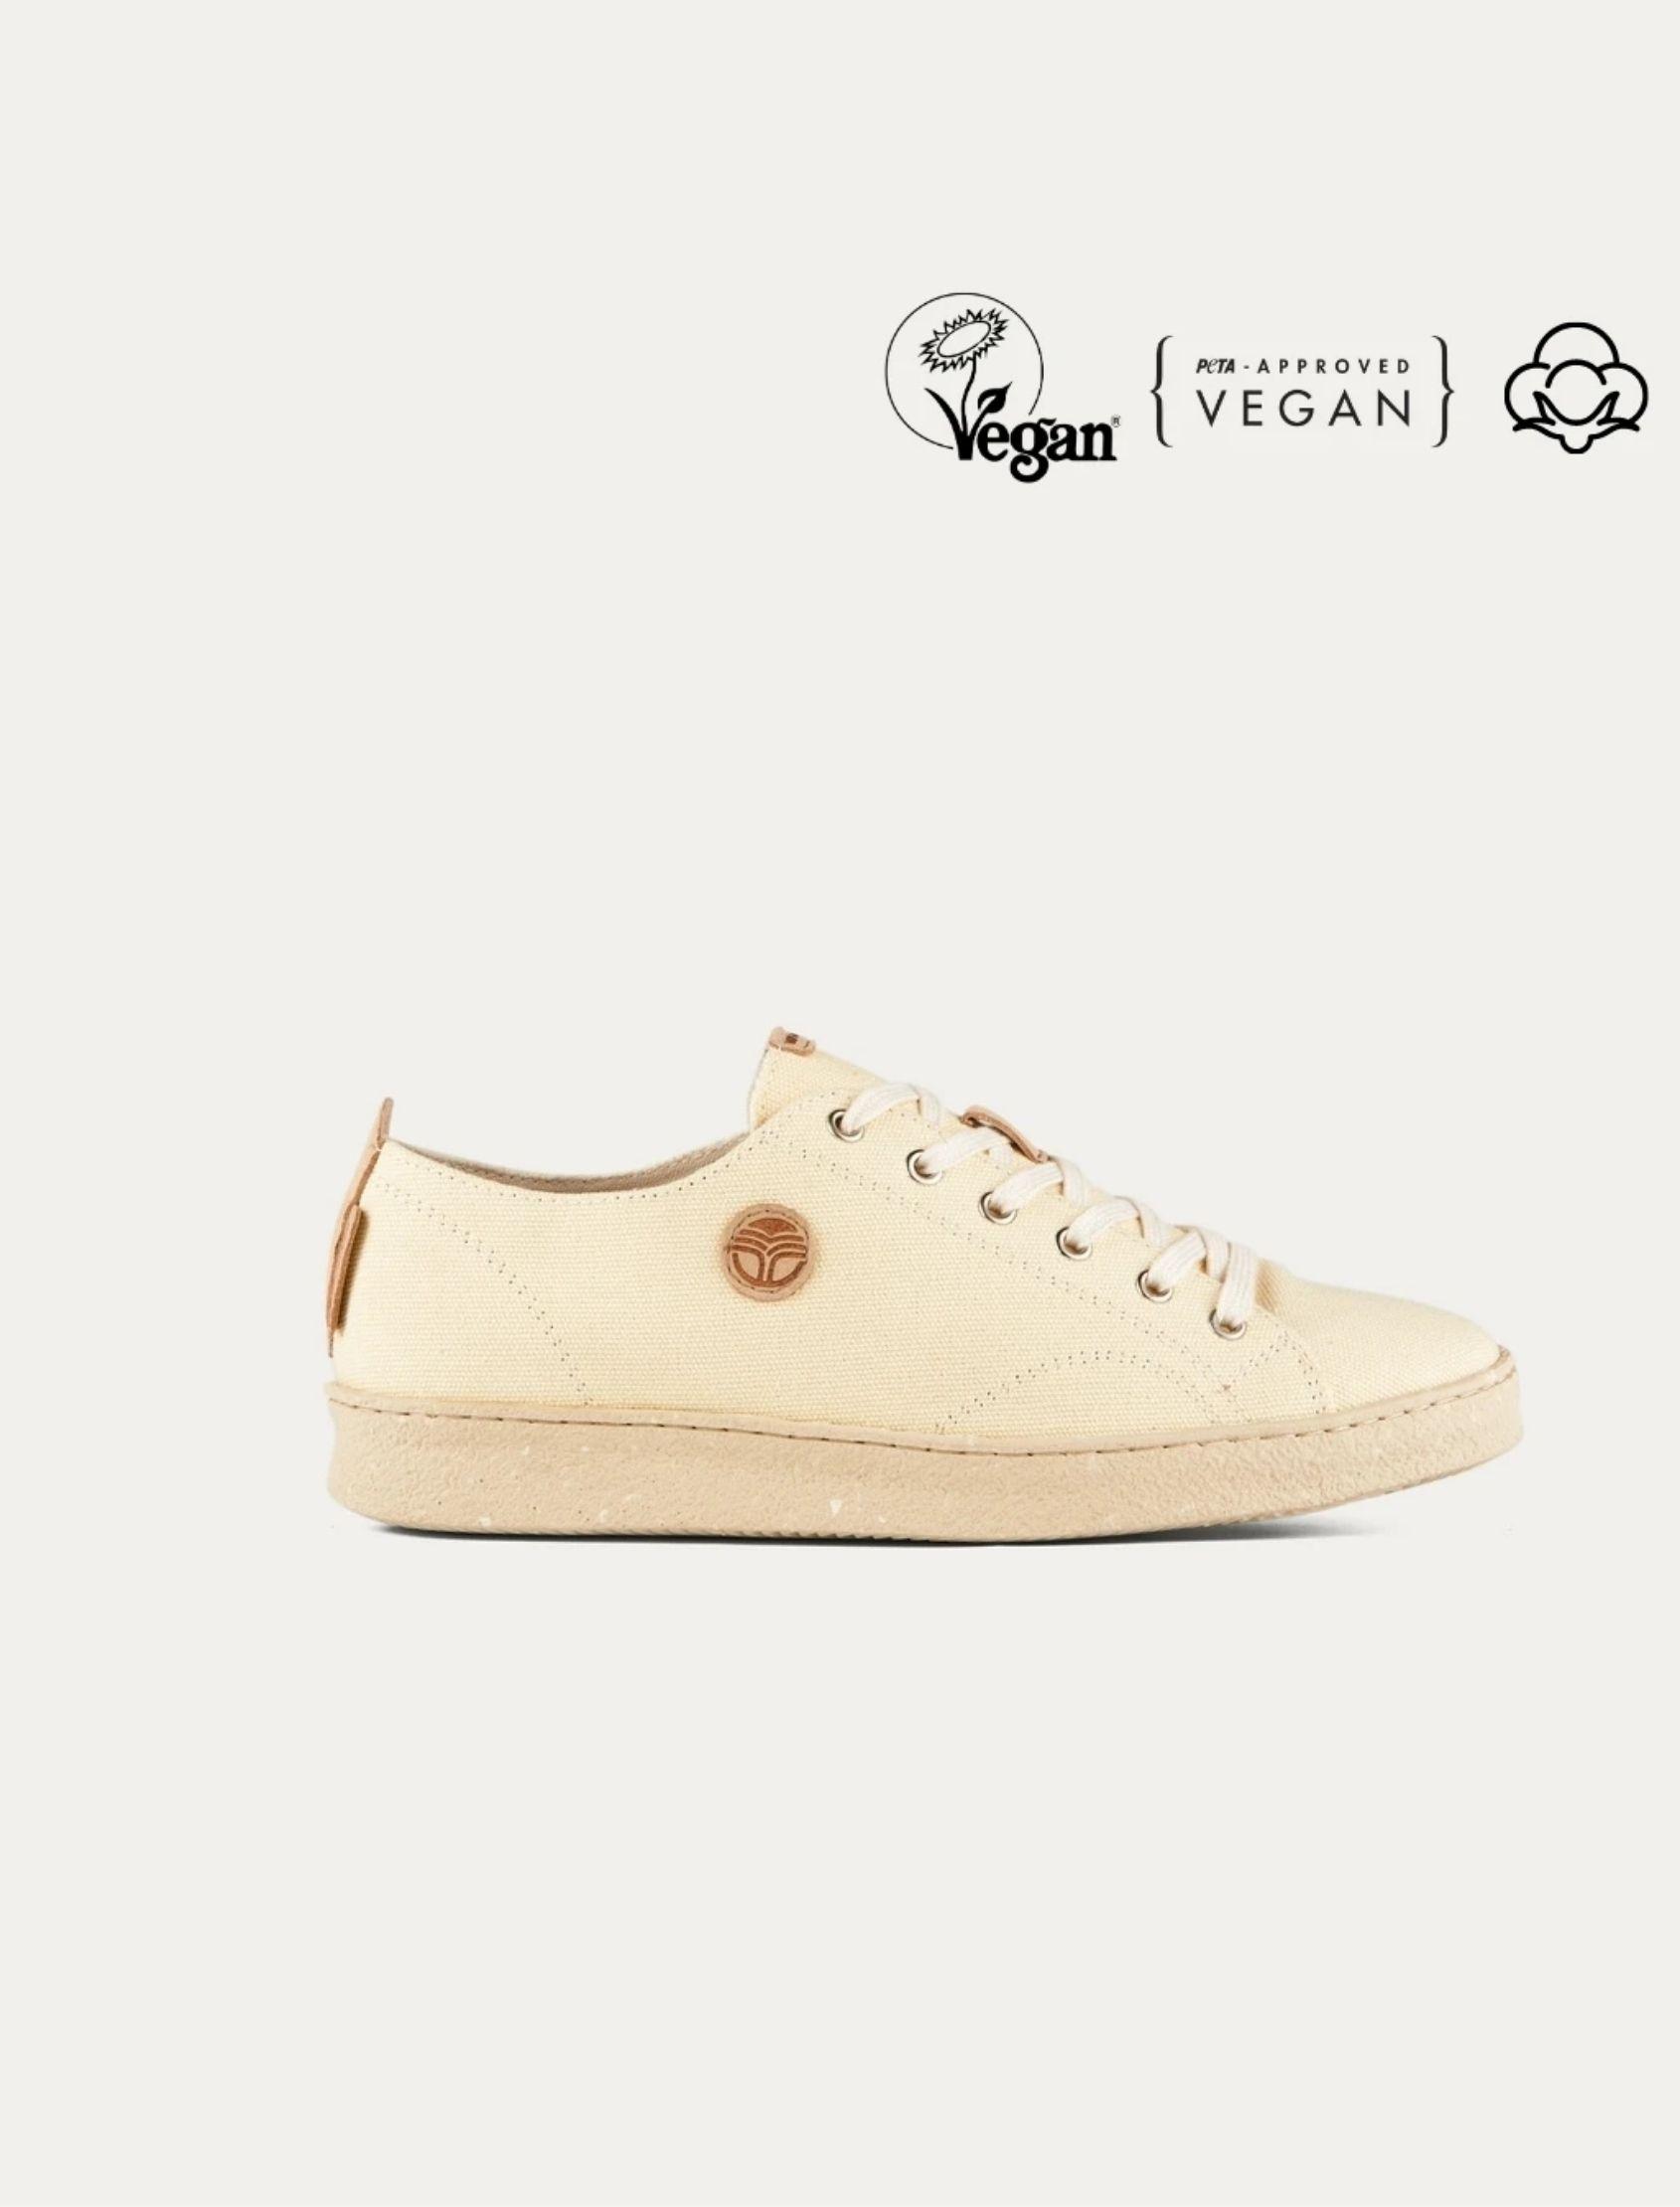 zapatillas desierto de la vida de beflamboyant elaboradas con materiales veganos en color crema